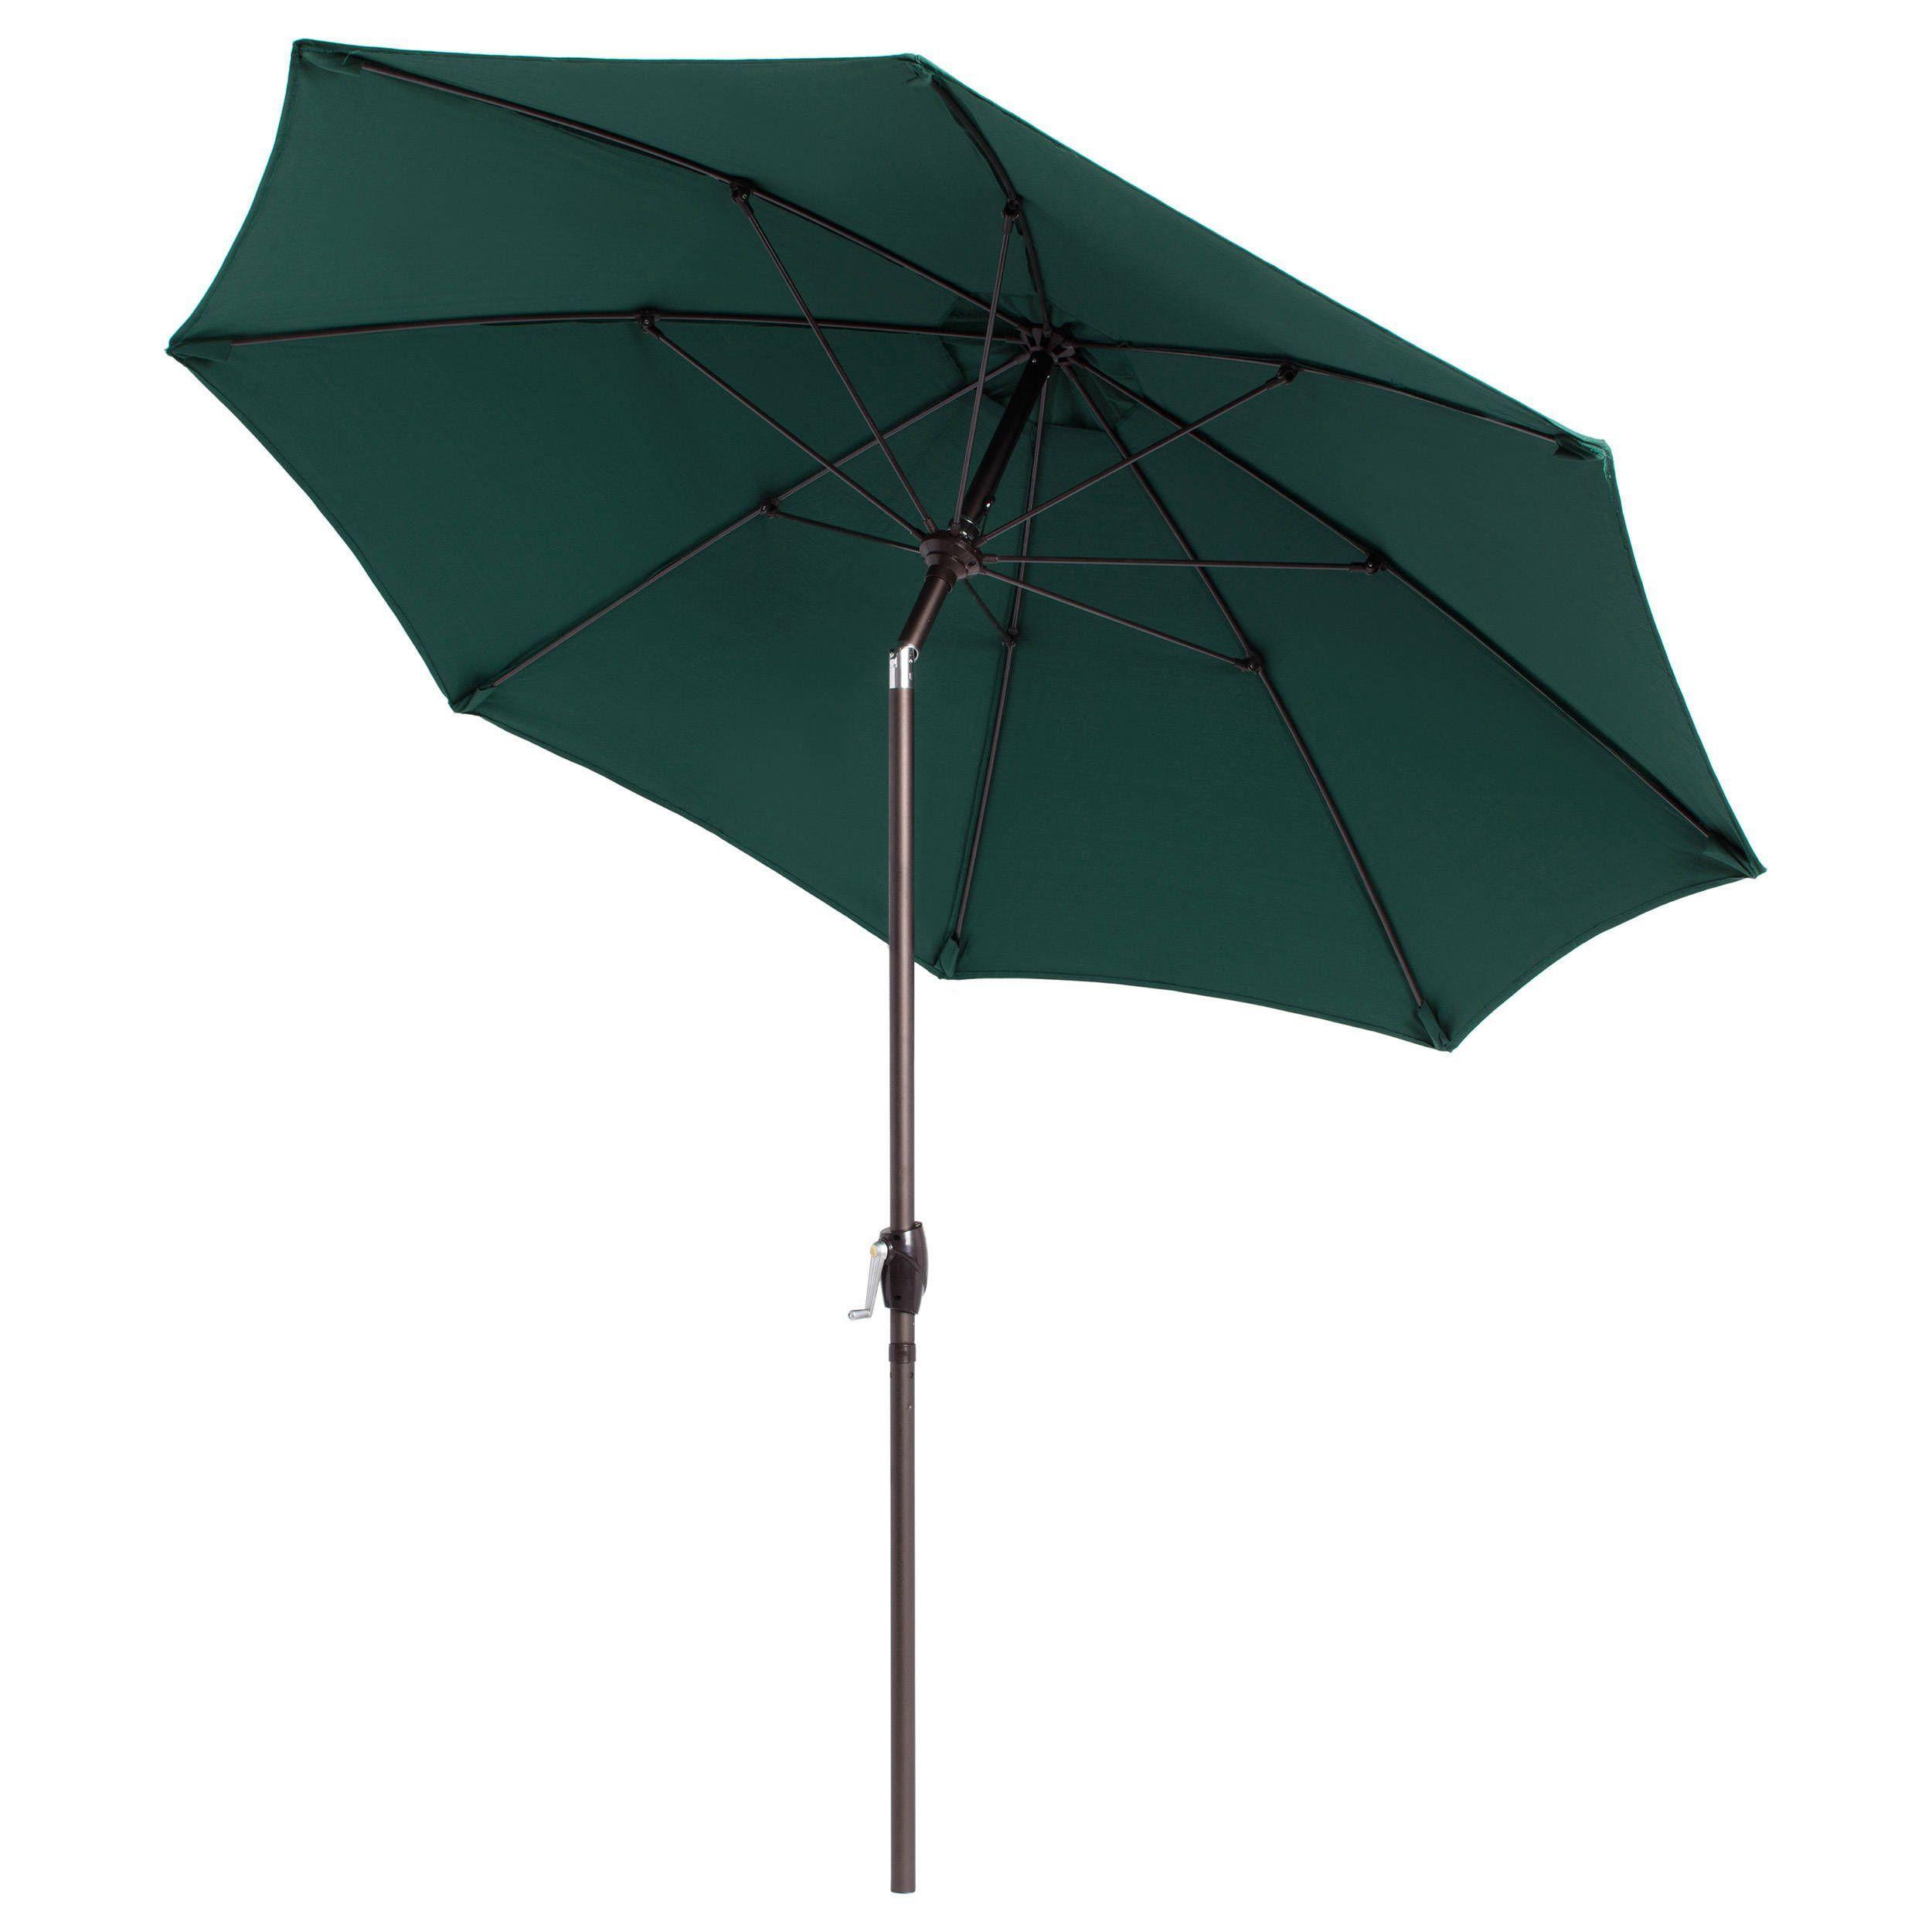 Lauren U0026 Company Fiberglass Olefin Crank And Tilt 9 Foot Umbrella (Hunter  Green)